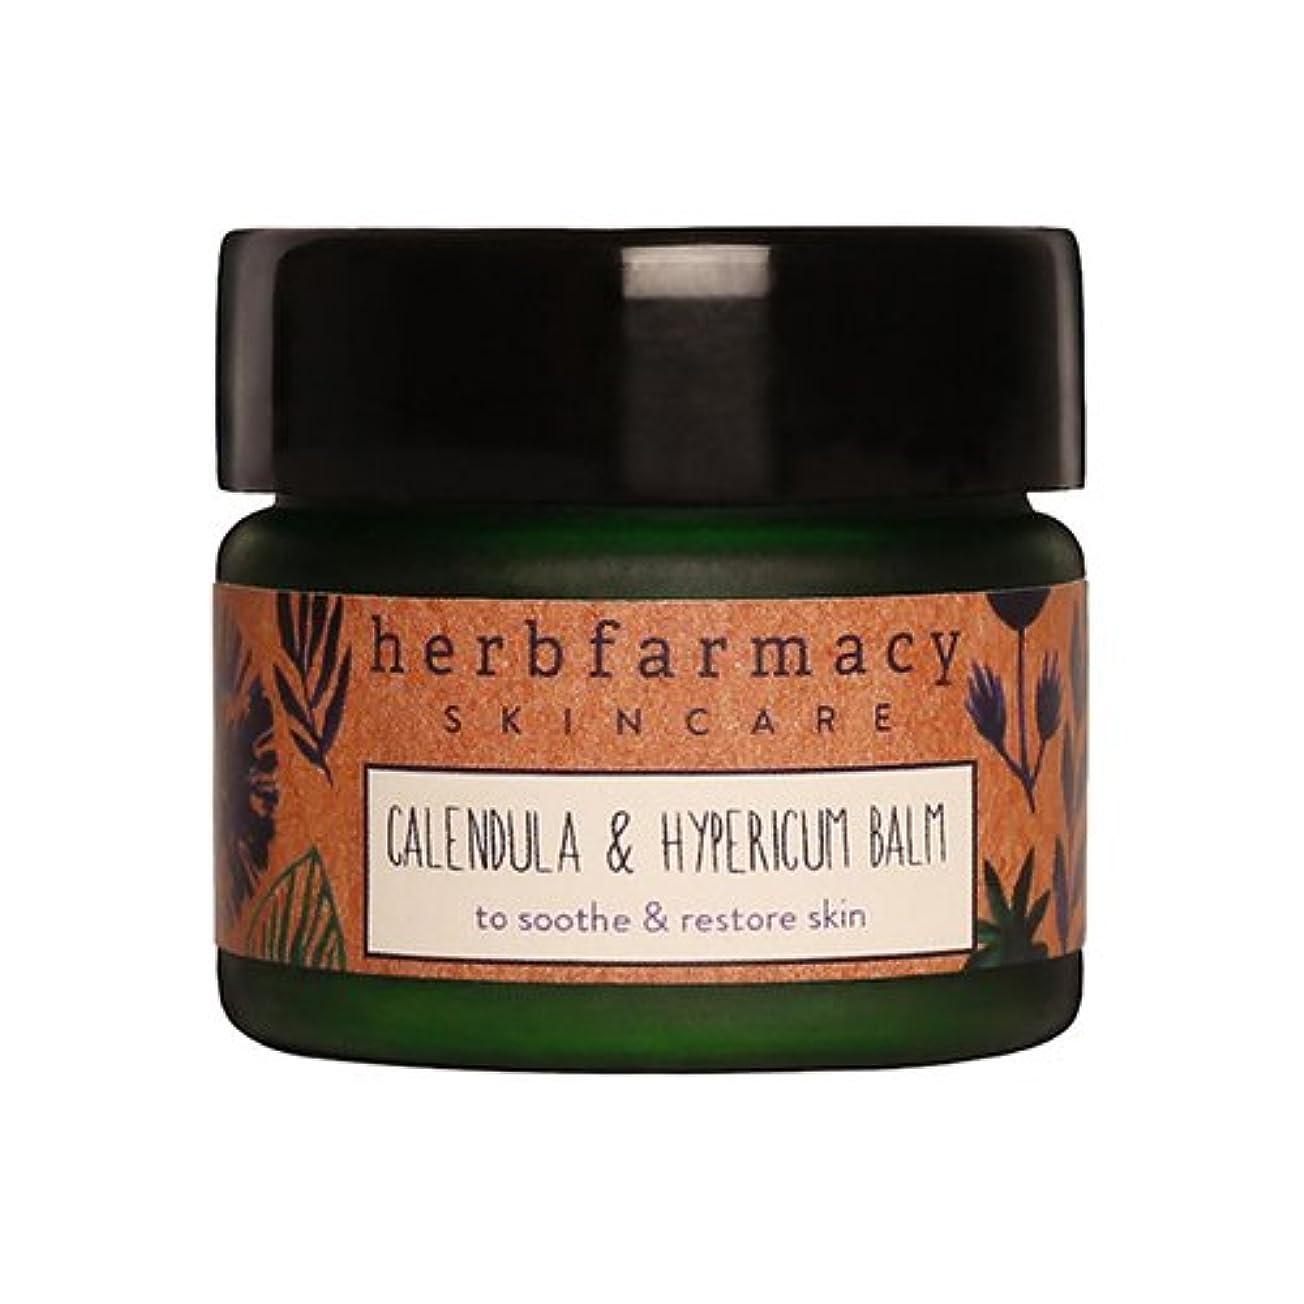 尊敬鑑定ノートハーブファーマシー (herbfarmacy) カーミング バーム 〈フェイスバーム〉 (20mL)